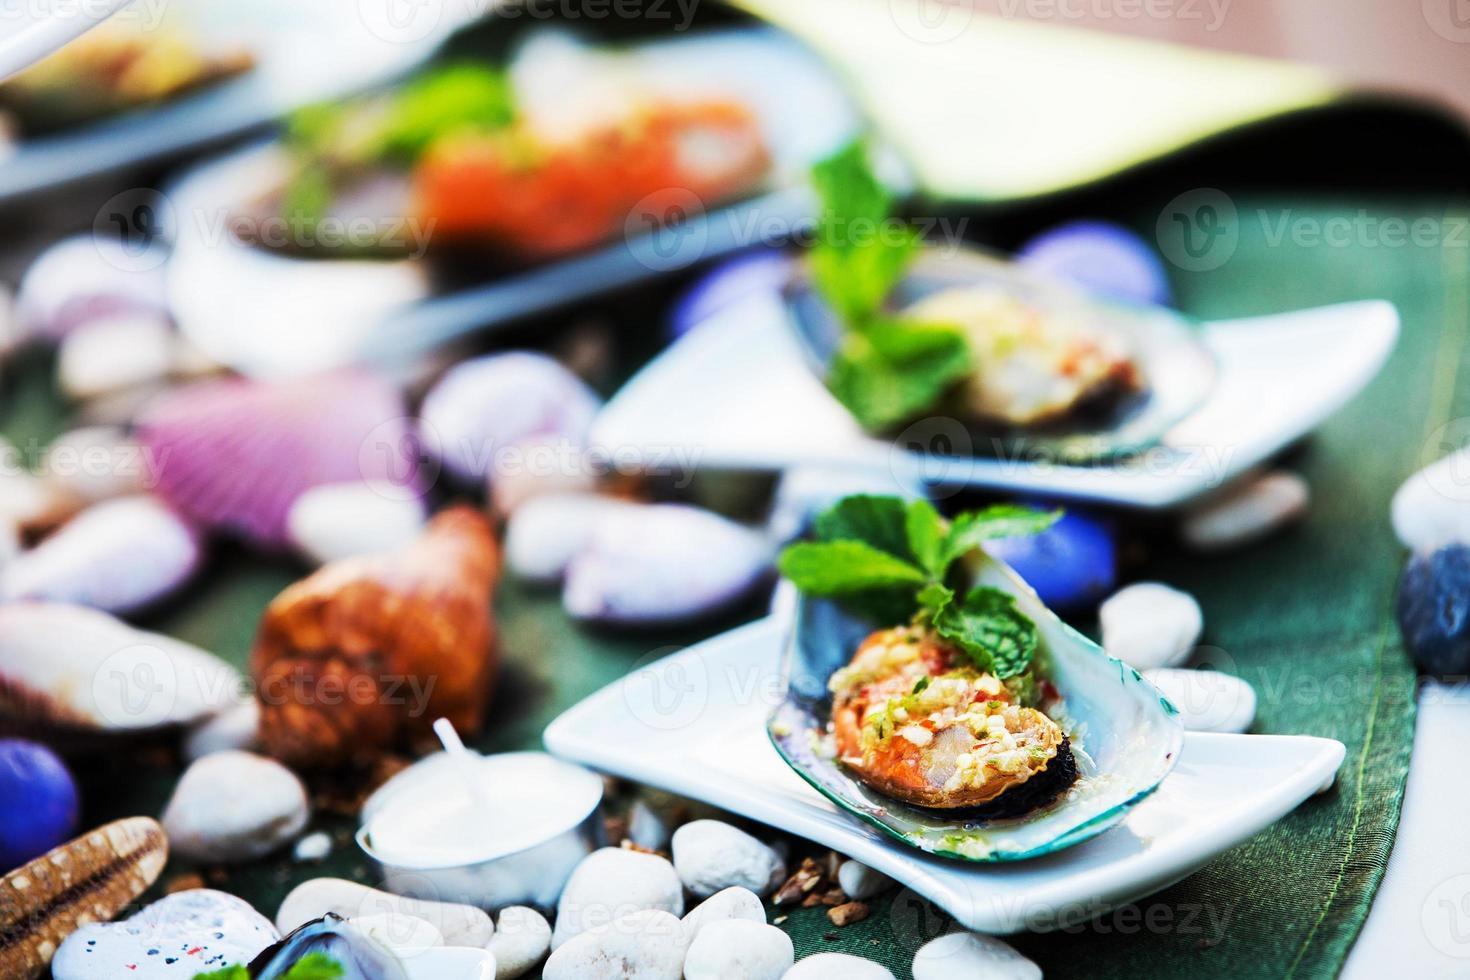 cozze e pane all'aglio foto